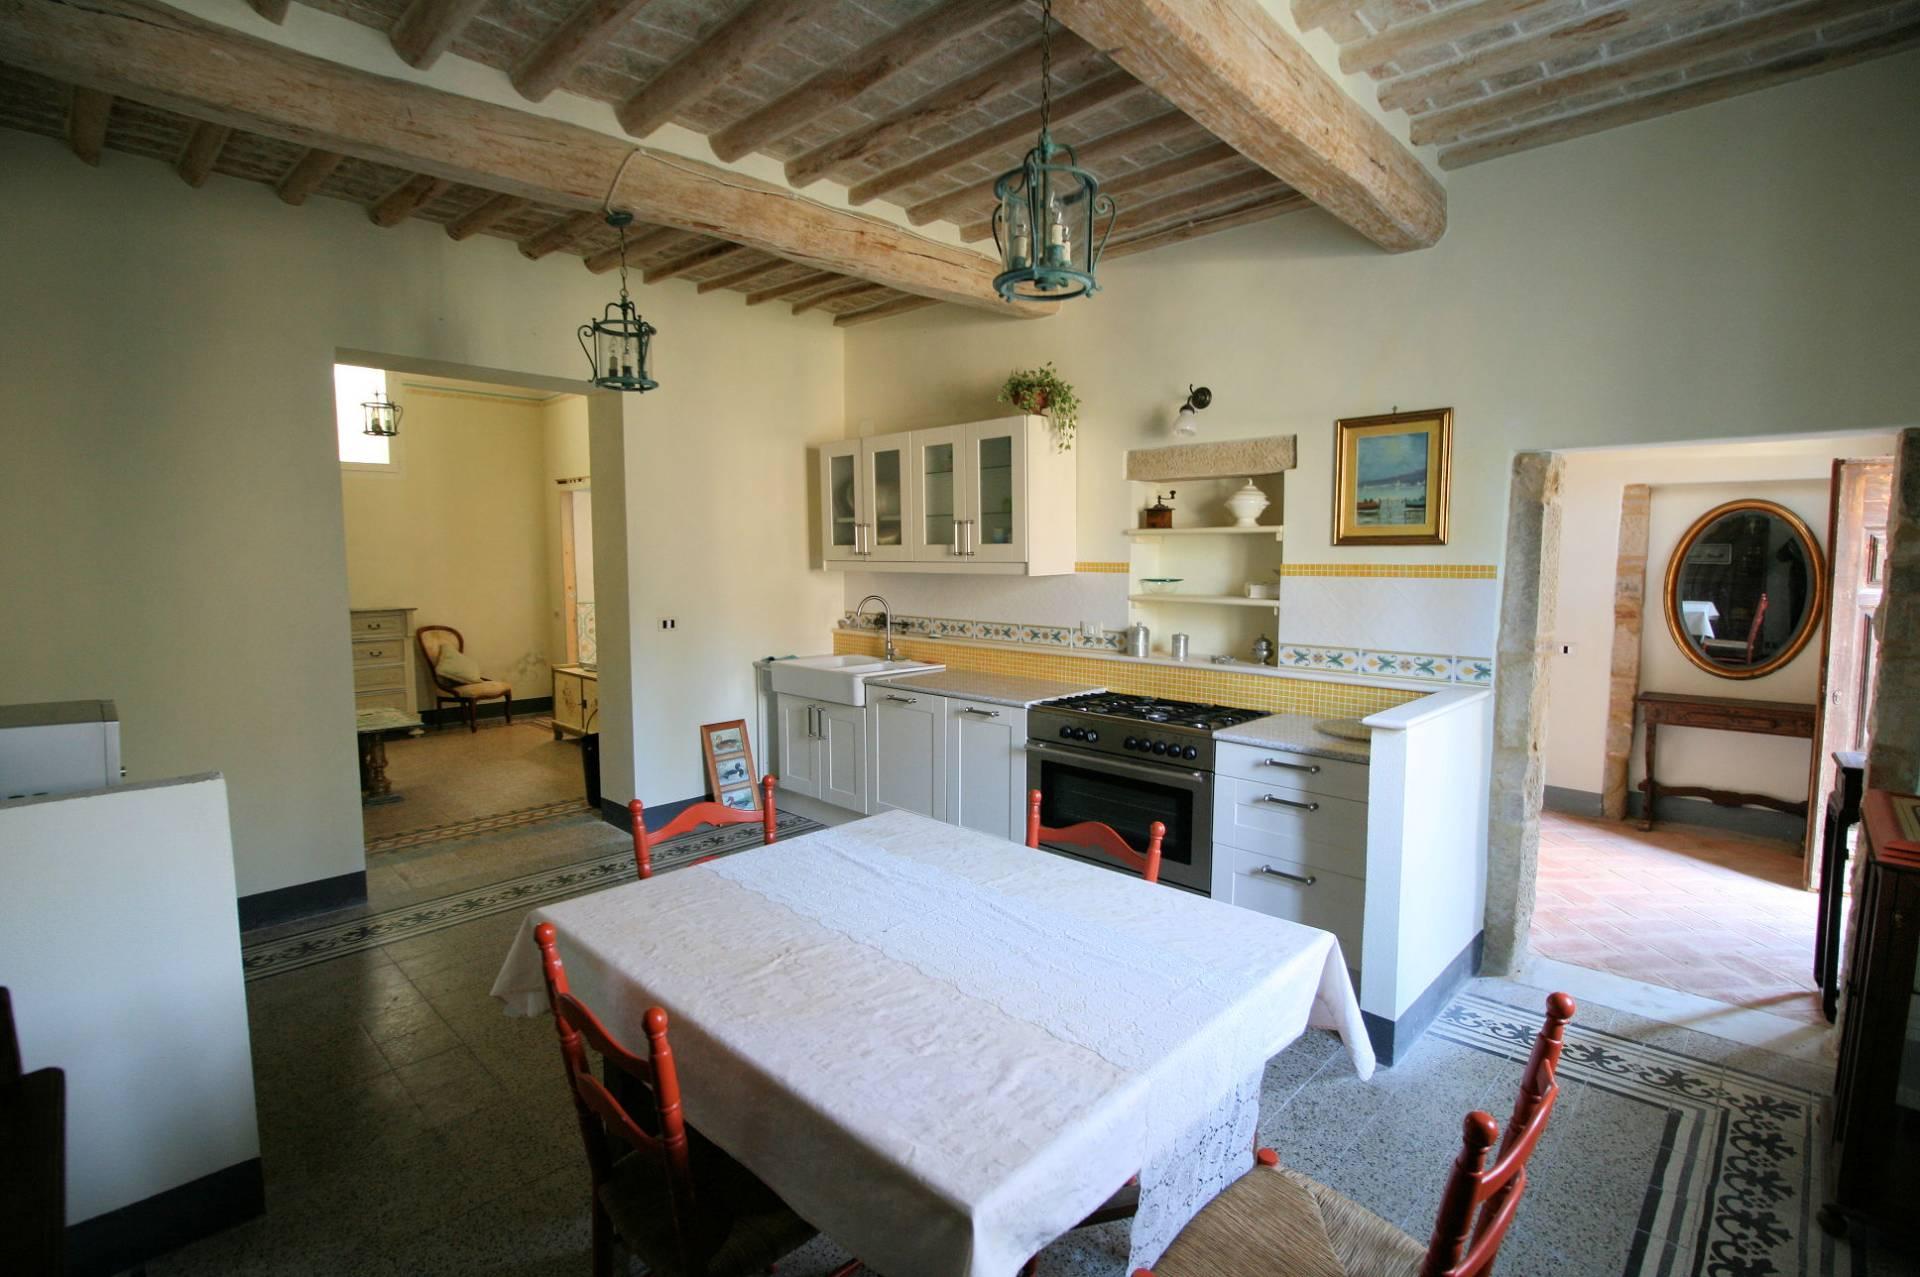 Rustico / Casale in vendita a Collesalvetti, 6 locali, prezzo € 198.000   Cambio Casa.it